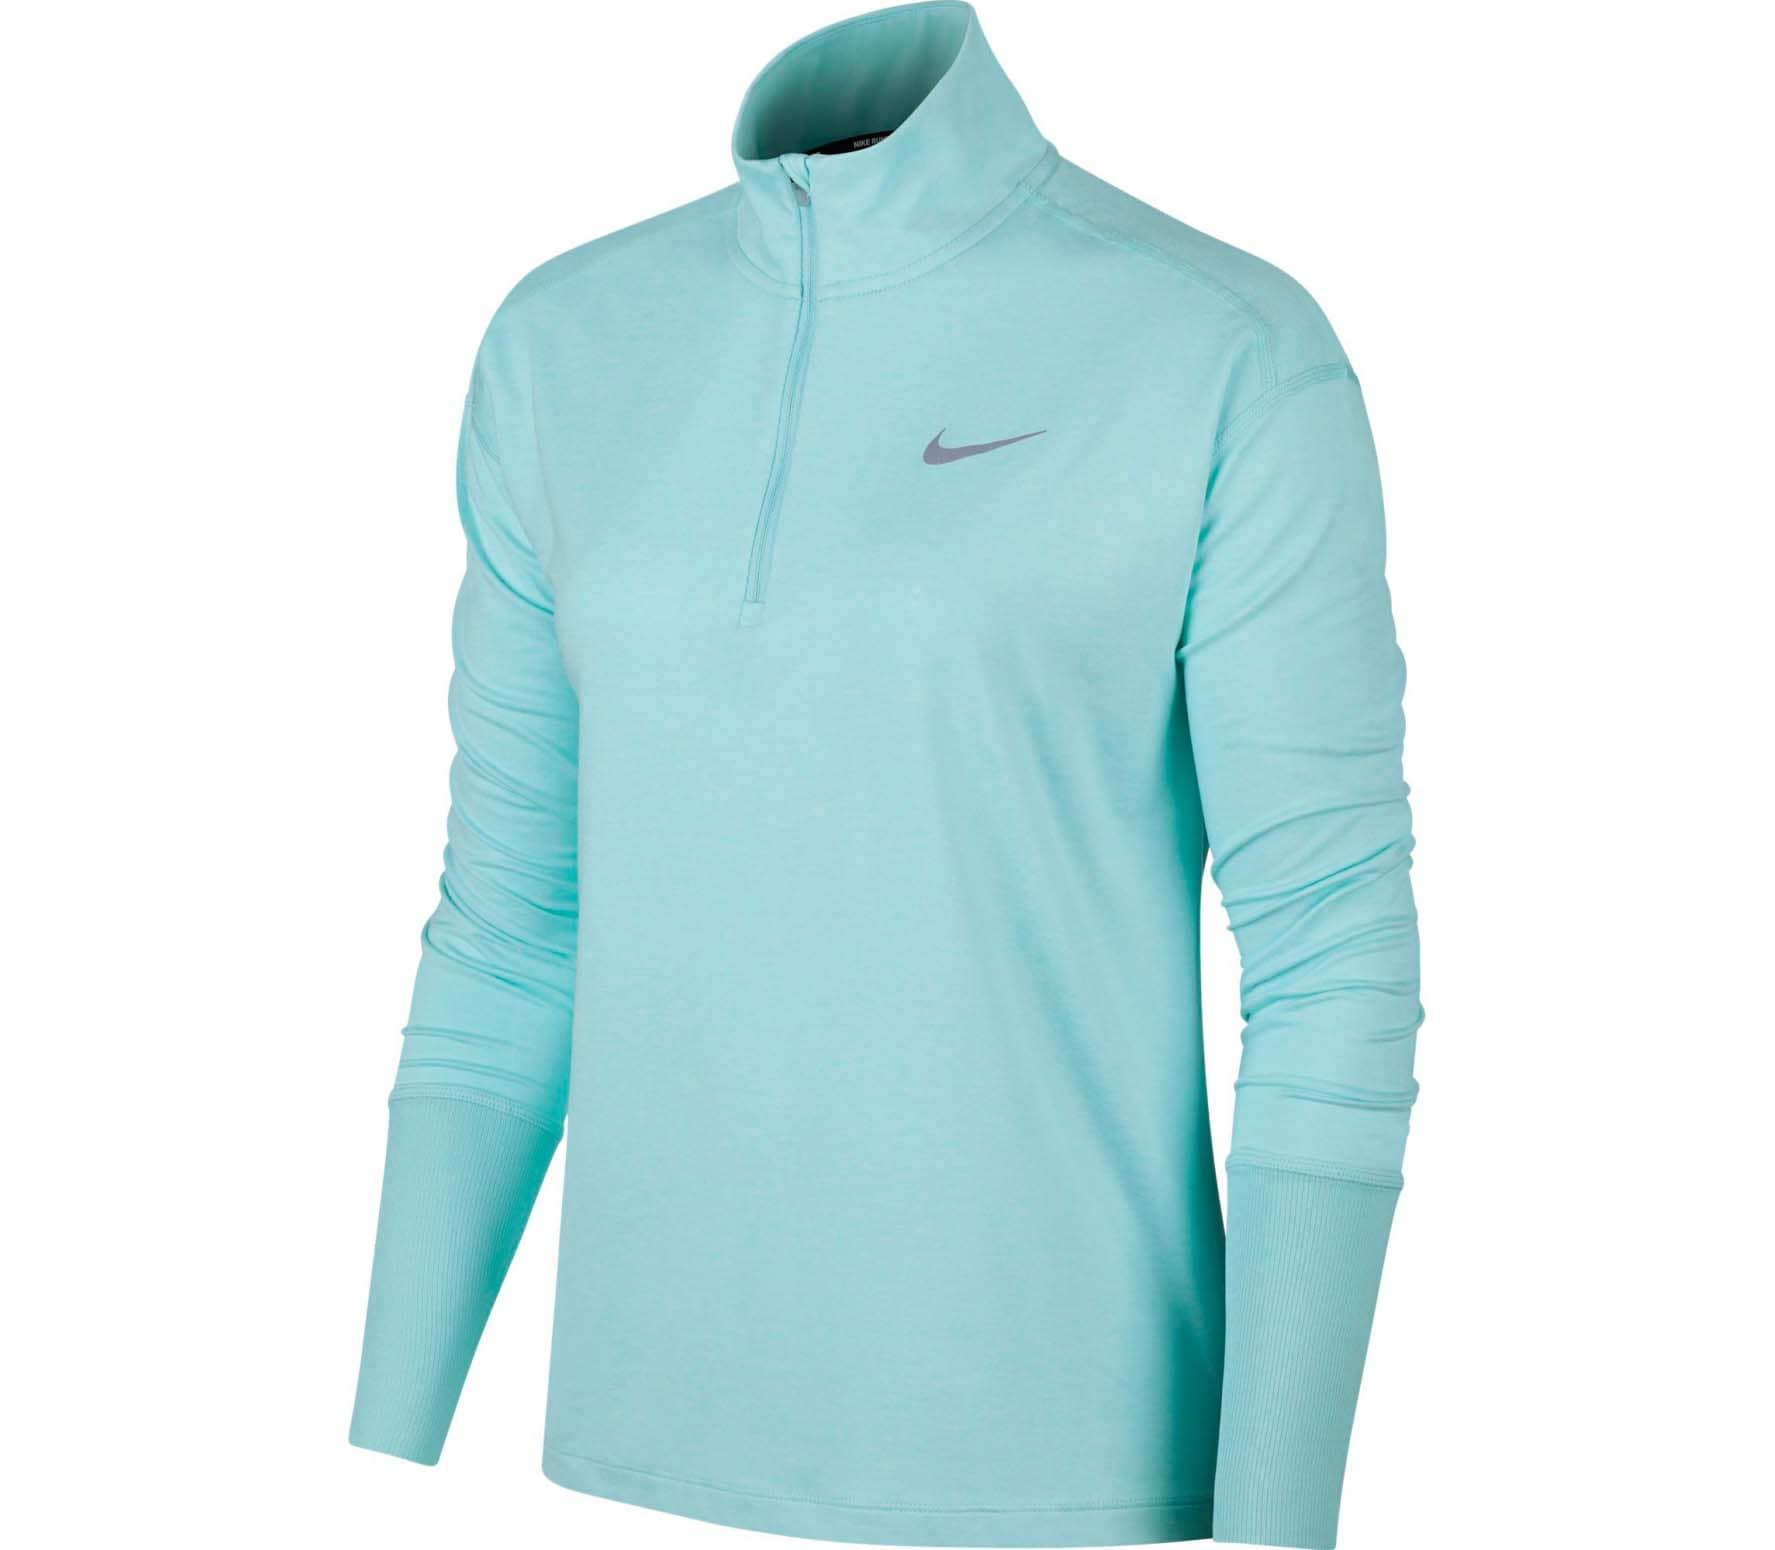 Lichtblauw Dames Shirt met lange Mouw Nike Element Top - AA4631 336